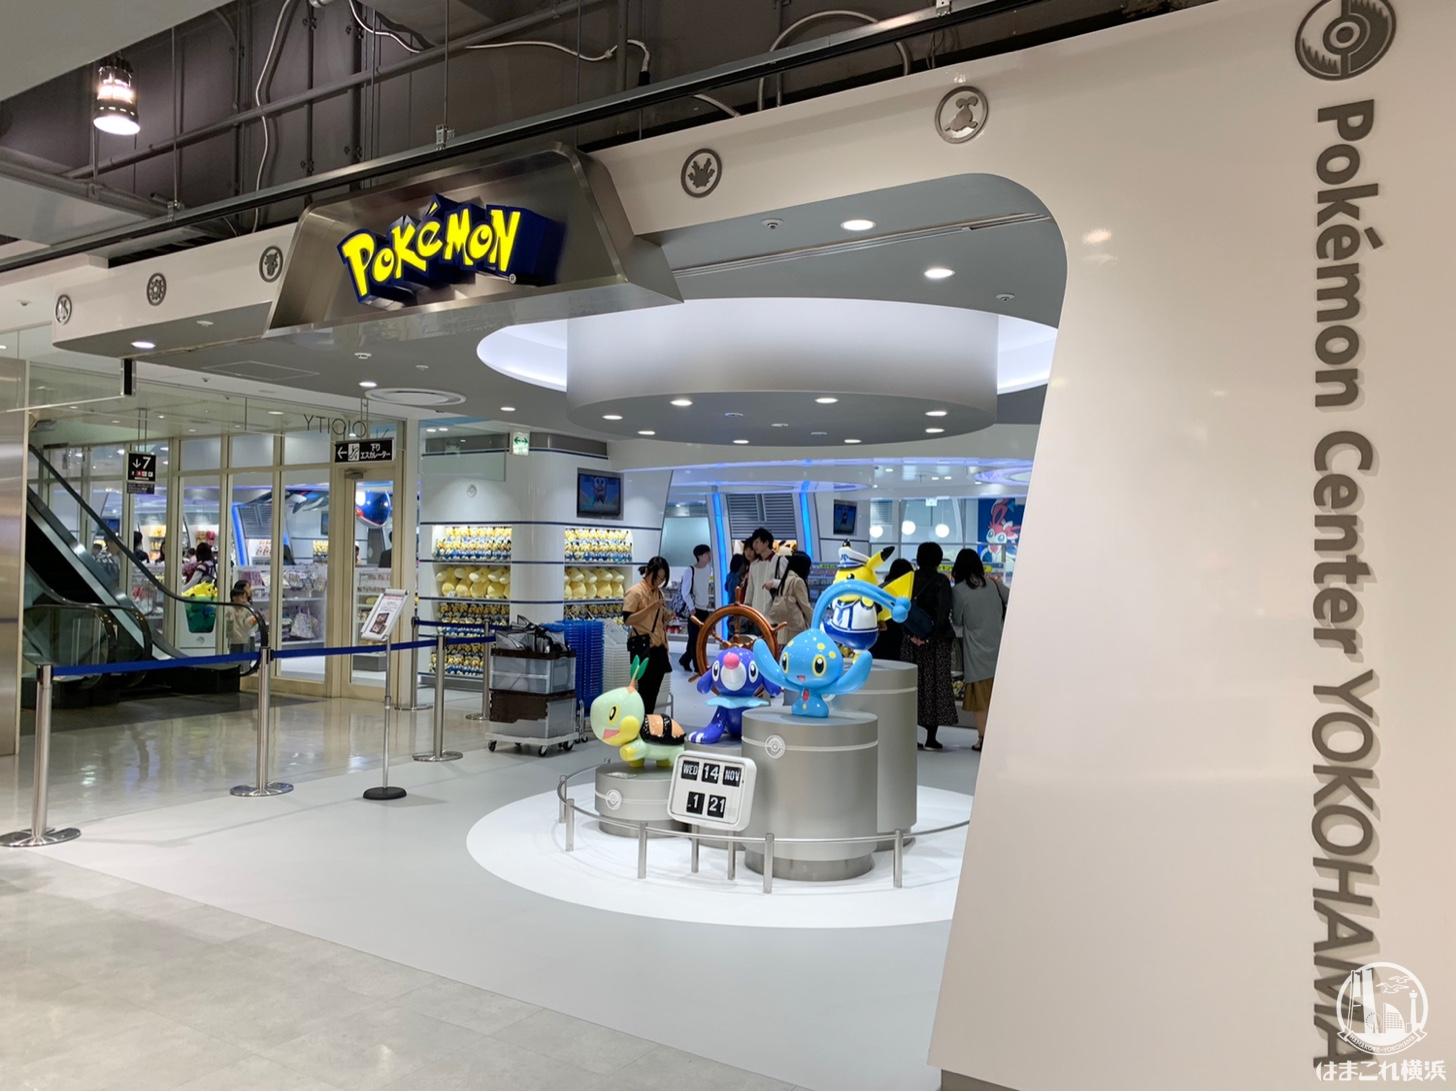 ポケモンセンター ヨコハマ 外観